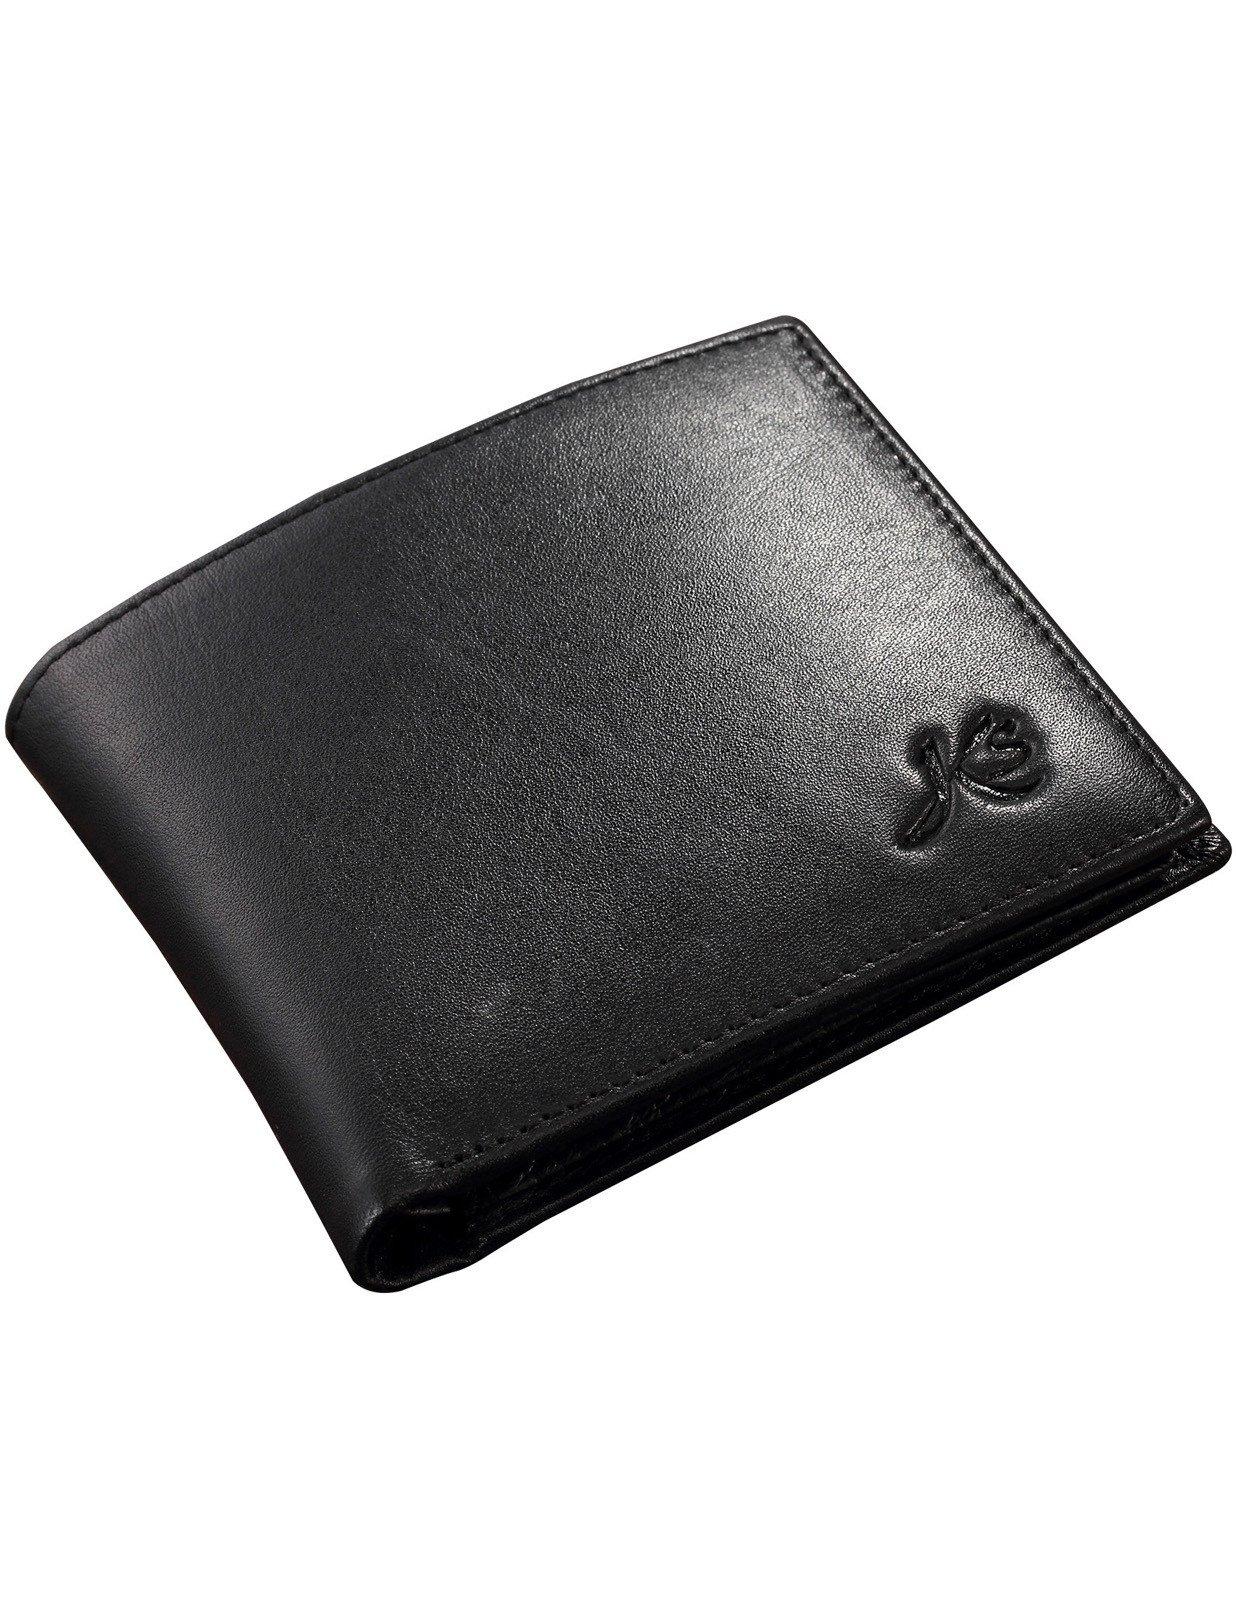 KS New Black Mens Slim Leather Pocket Purse Card Holder Biford Wallet KB007